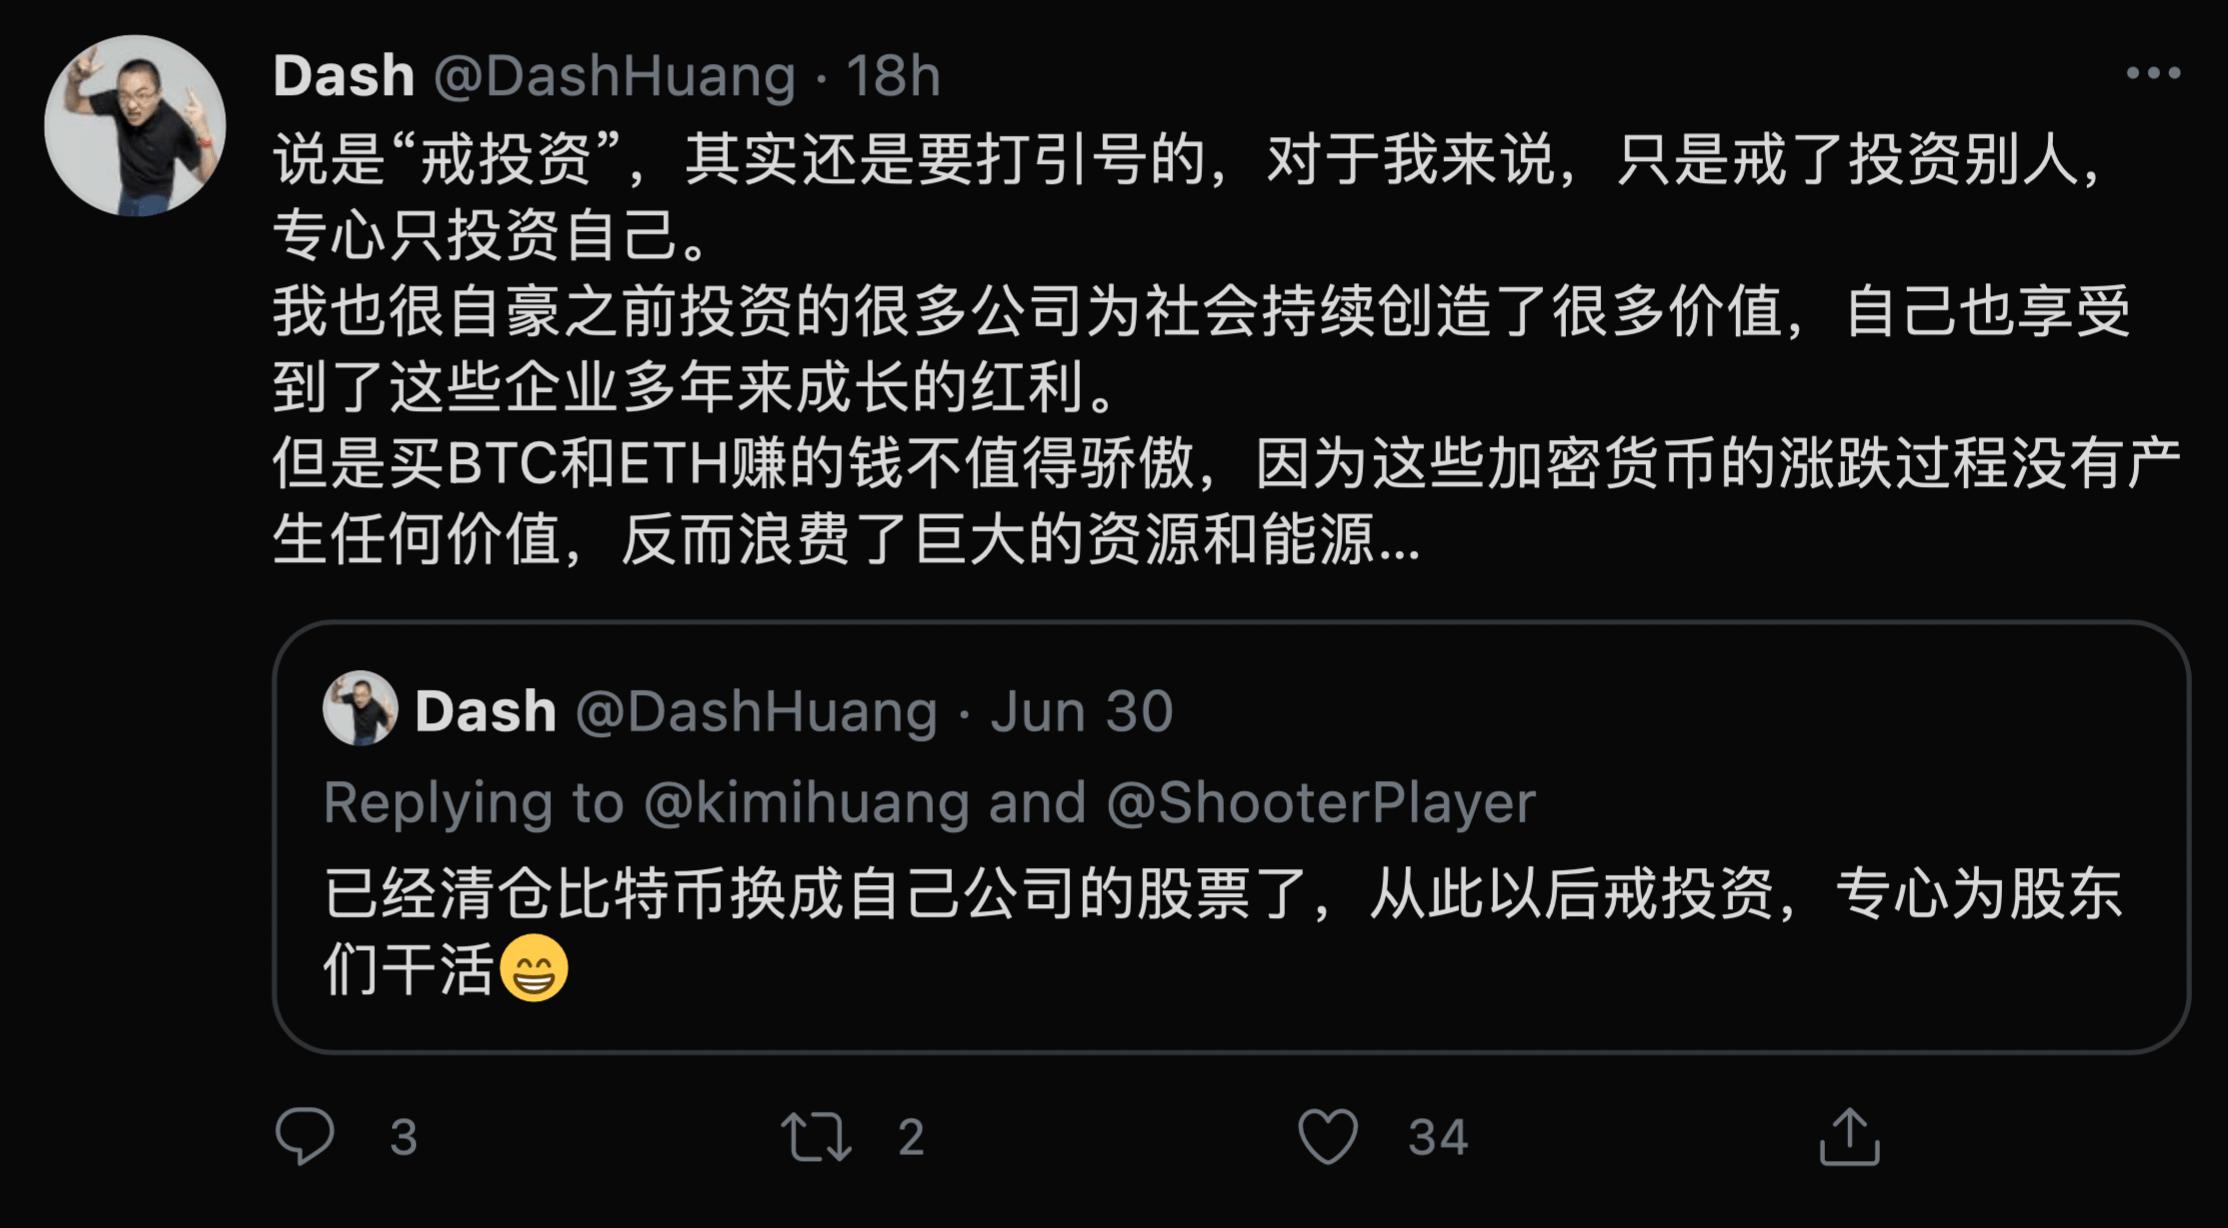 """中國版""""電驢""""創始人黃一孟稱清倉比特幣買自家股票,近期耗資1億港元增持旗下游戲公司、后者2020年凈利降9成_"""